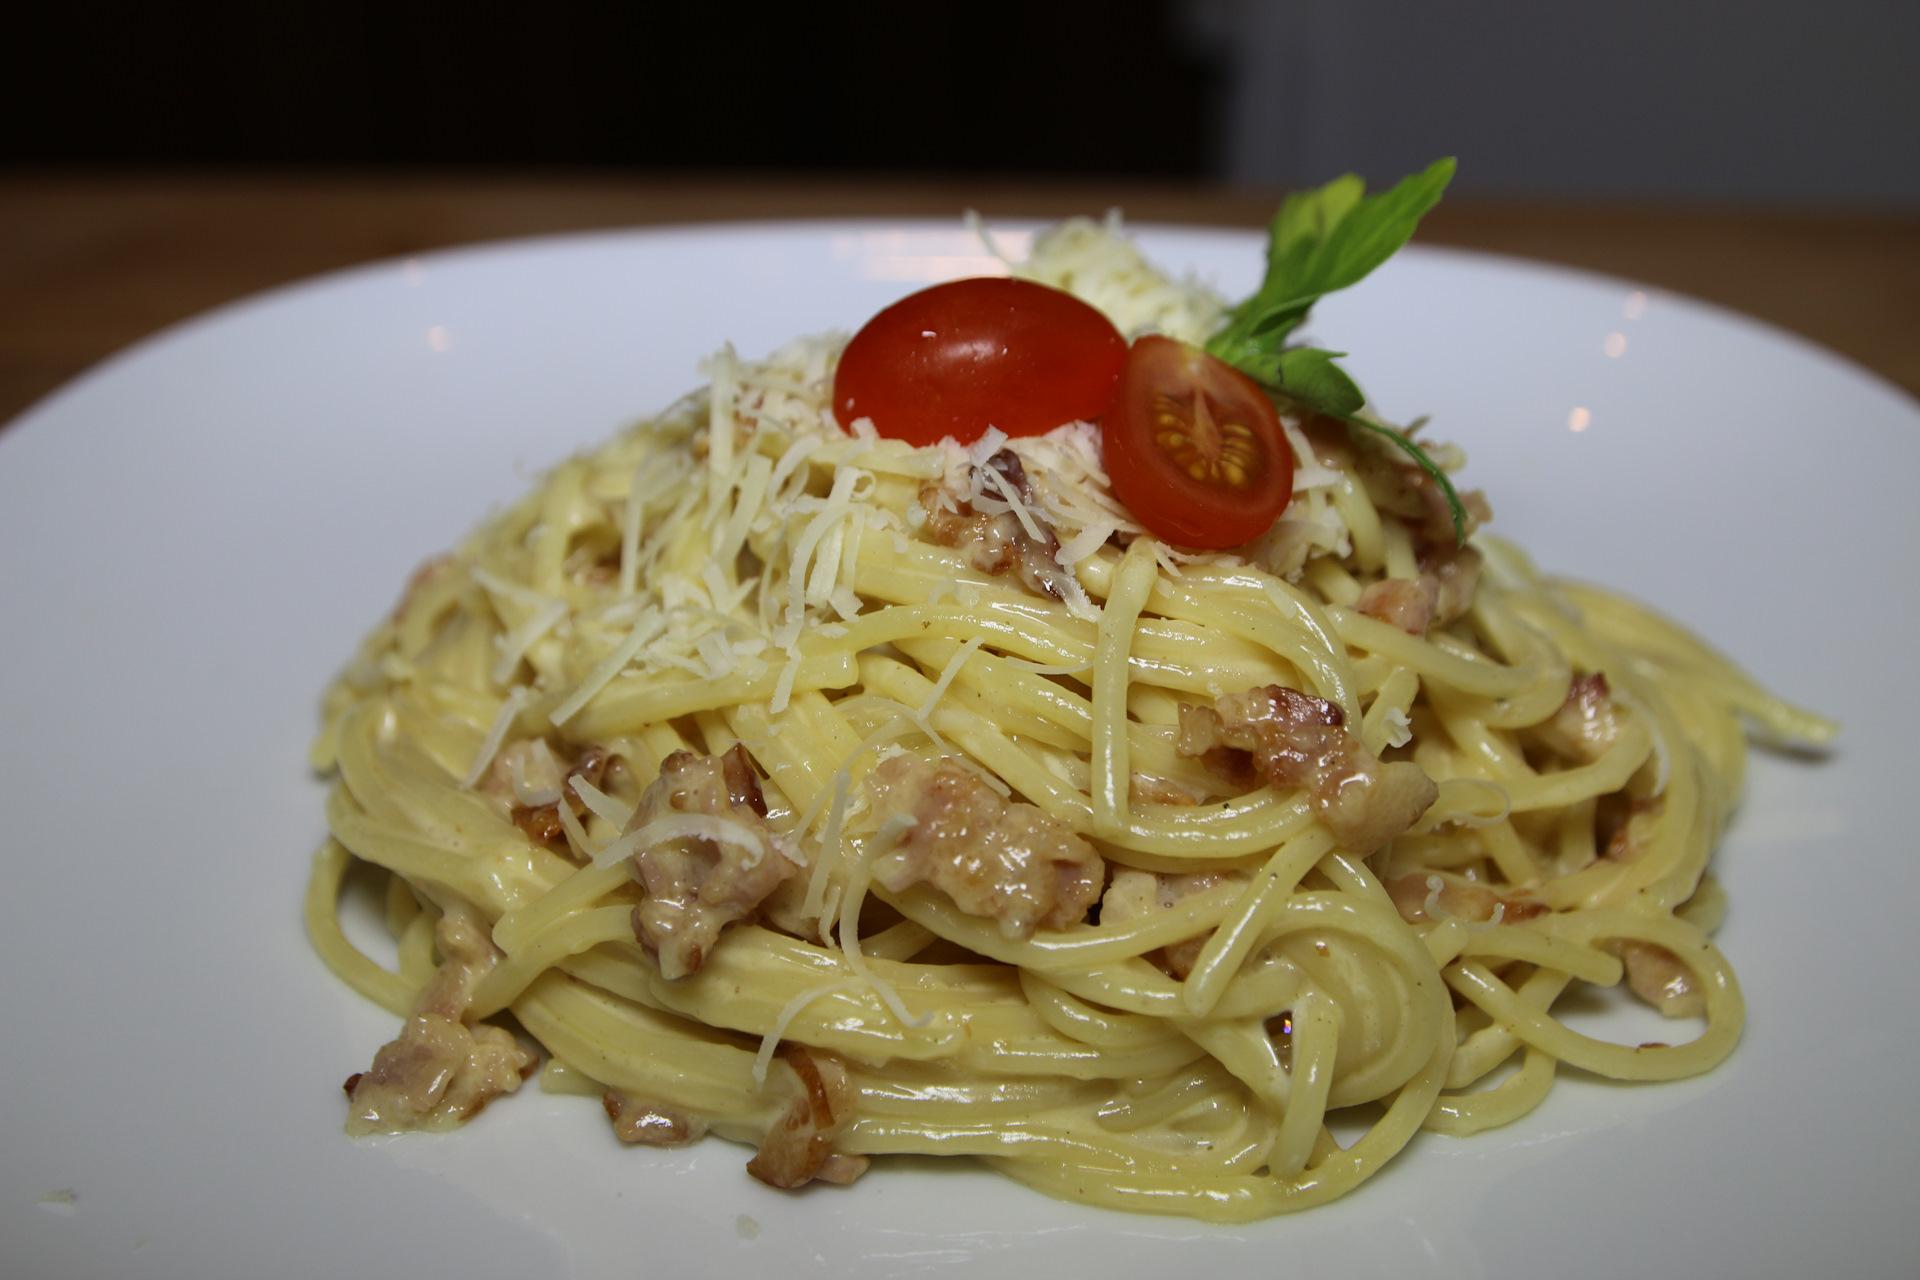 франции онлайн спагетти карбонара рецепт с фото в домашних котел твердом топливе